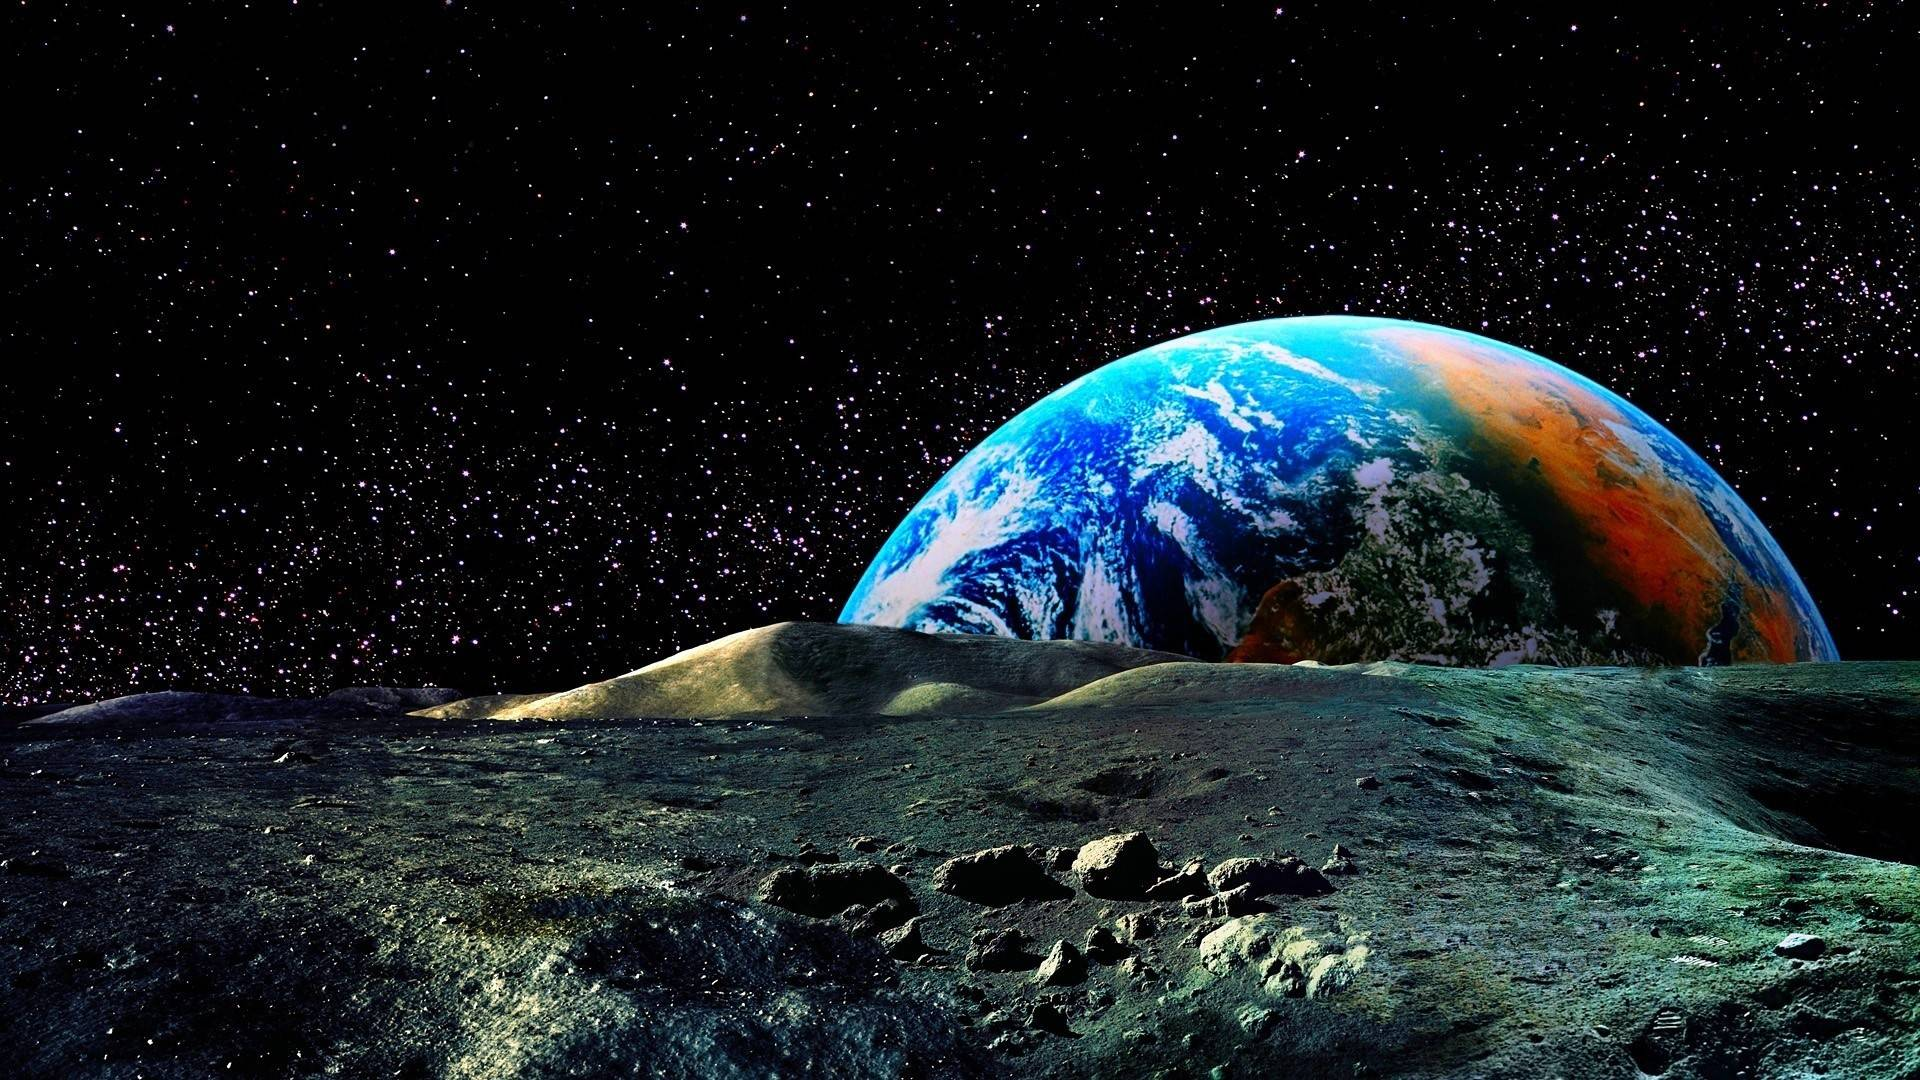 Unduh 9000 Wallpaper Hd Earth  Paling Baru